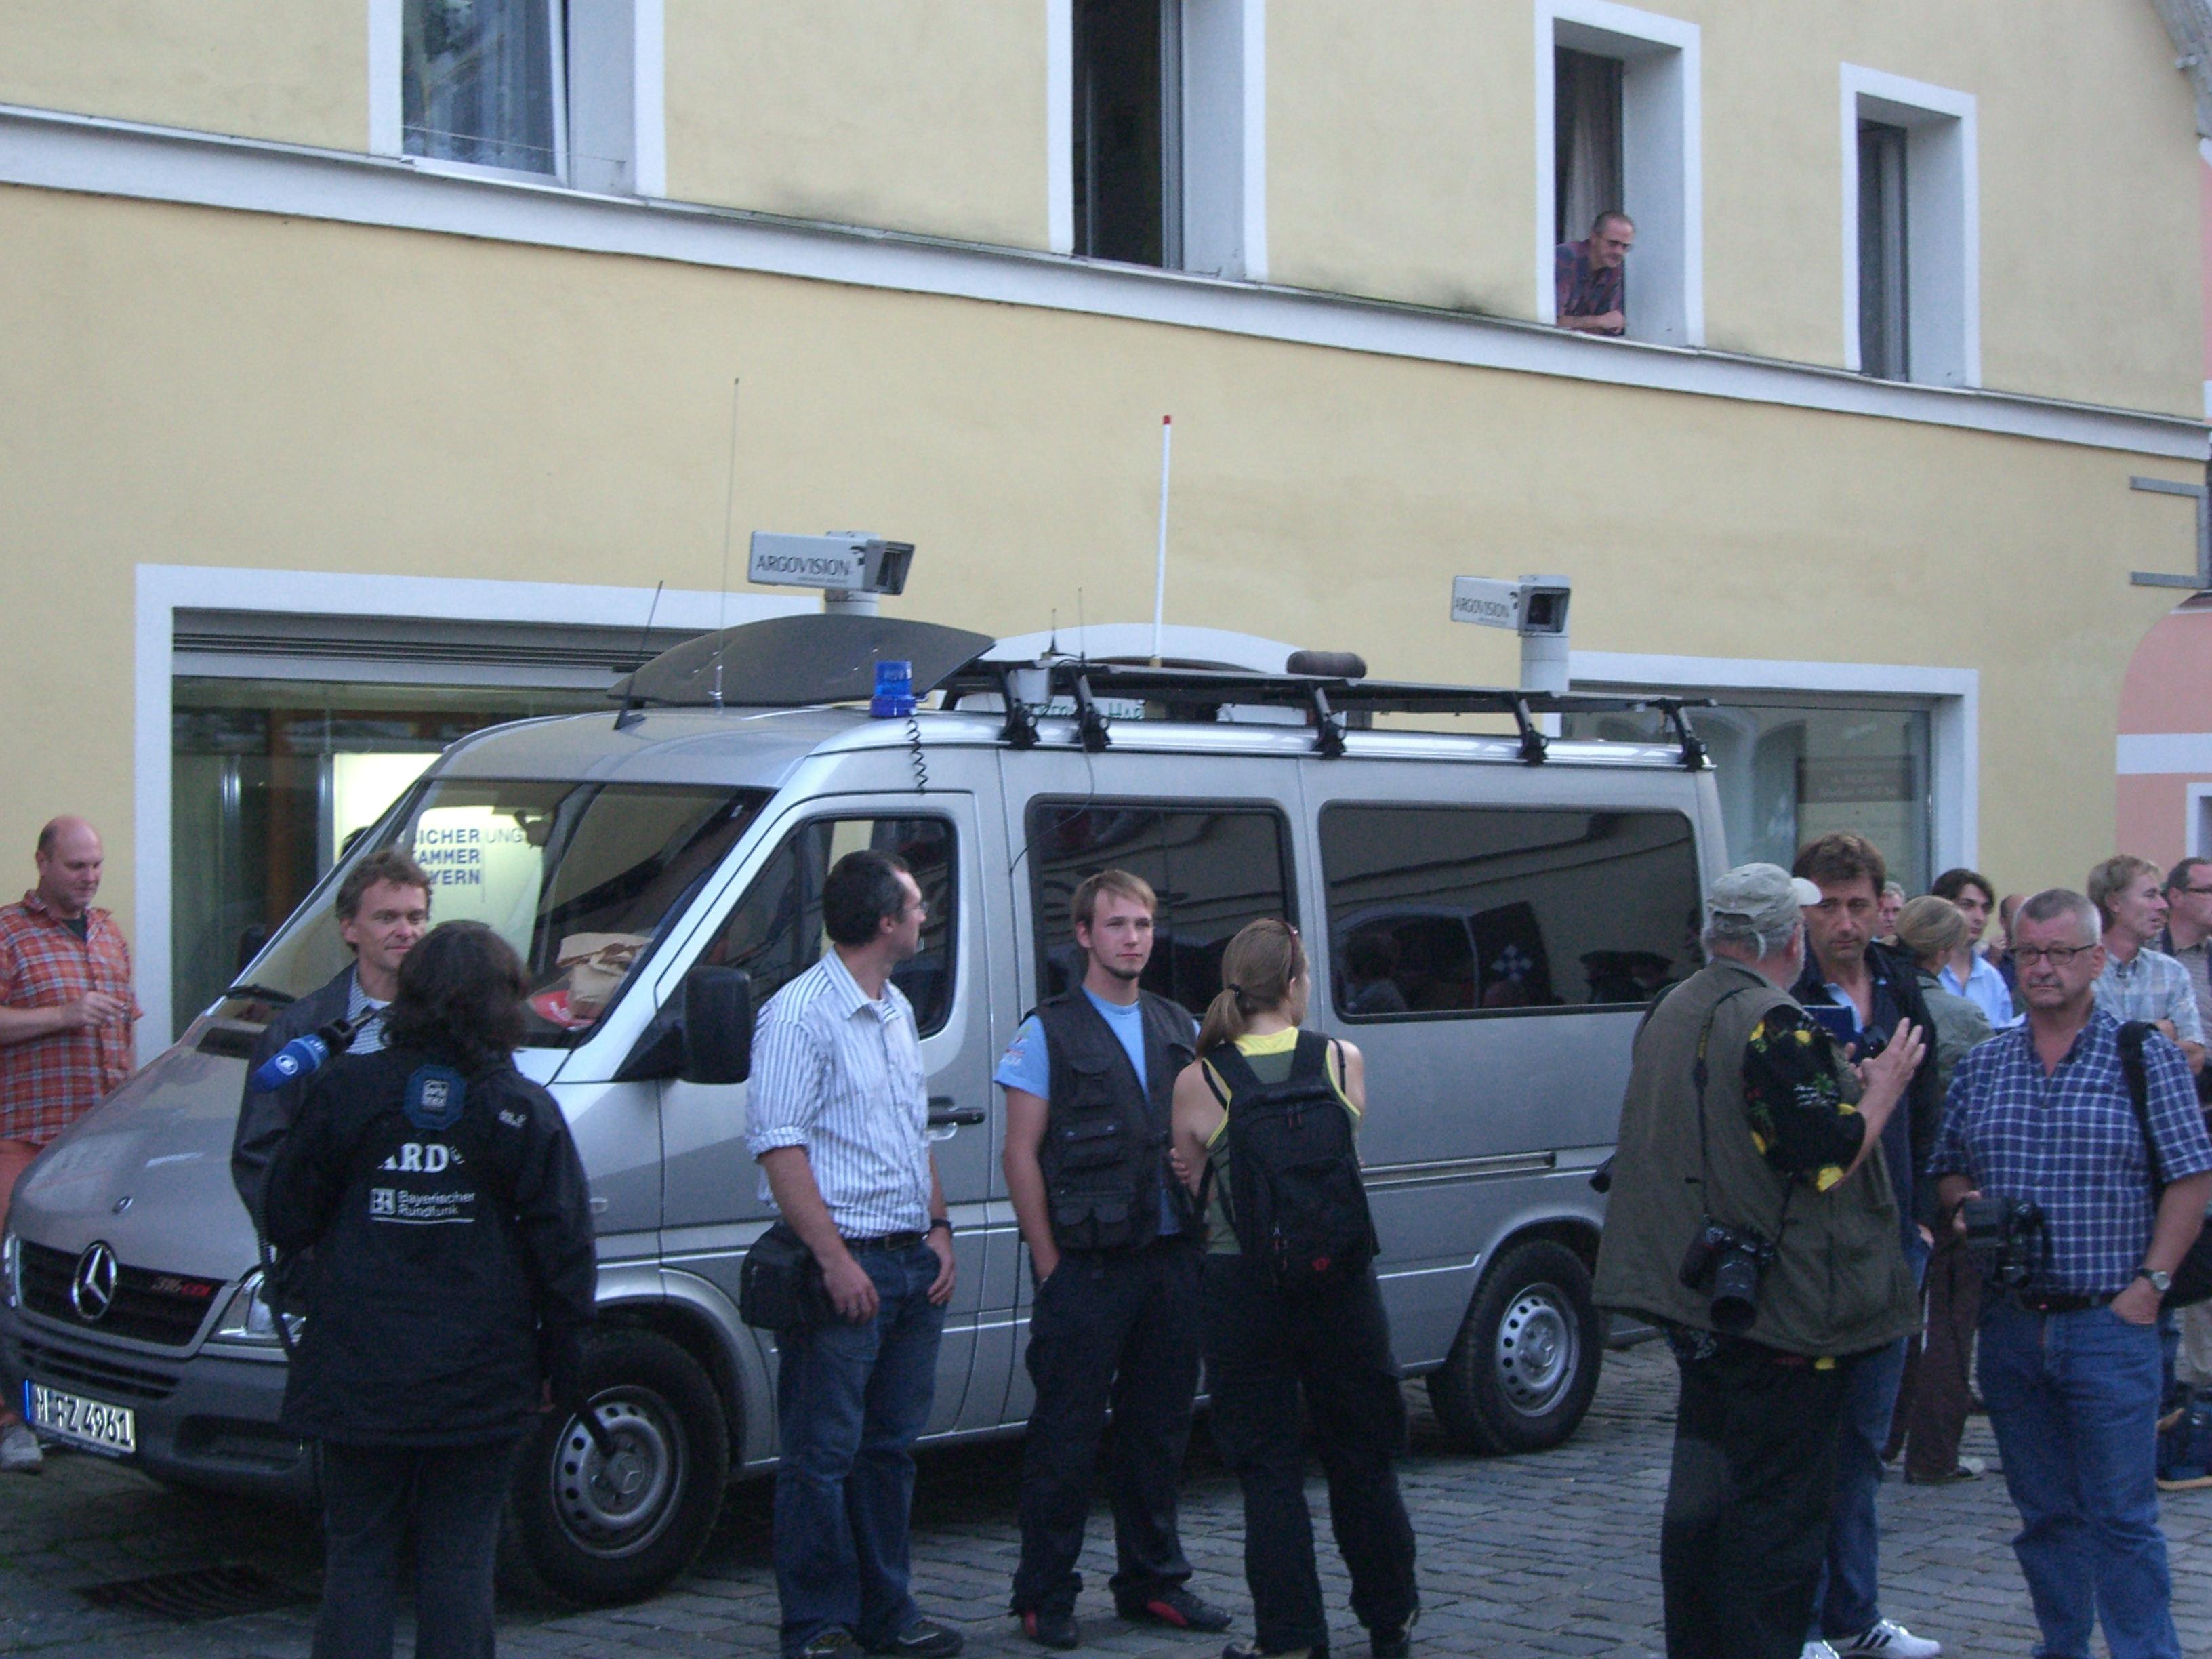 Mobile Videoüberwachung der Polizei auf einer Demonstration